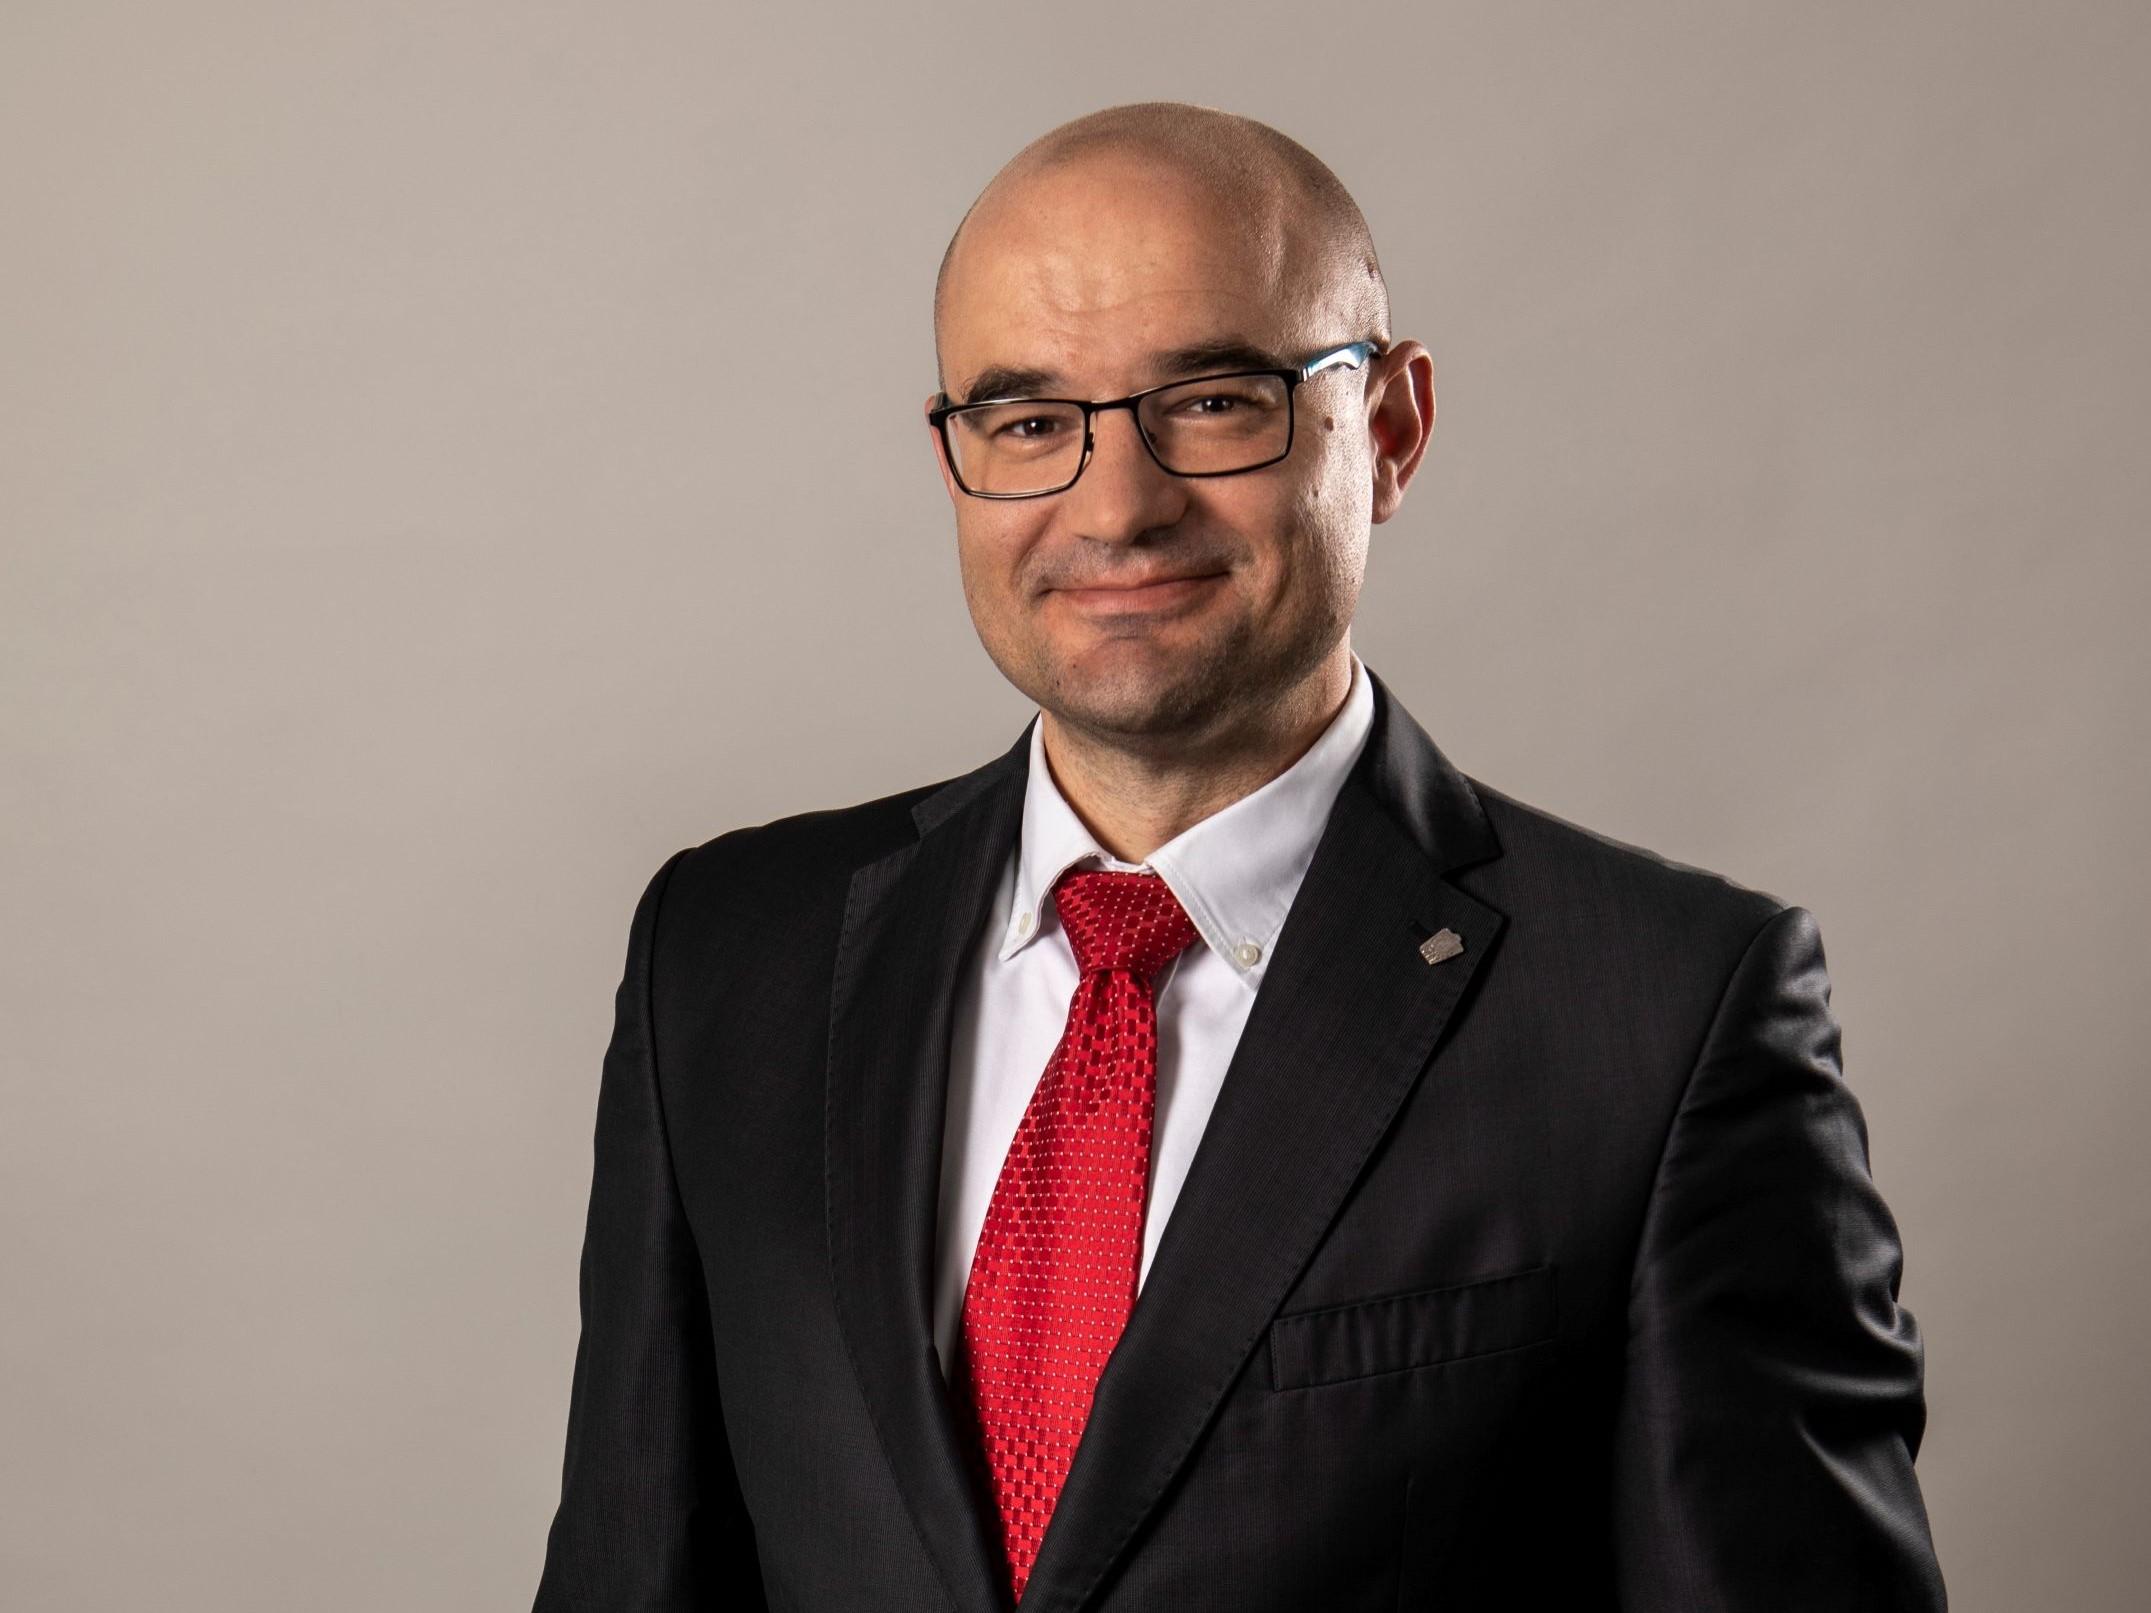 Ing. Milan Drahoňovský, Ph.D.